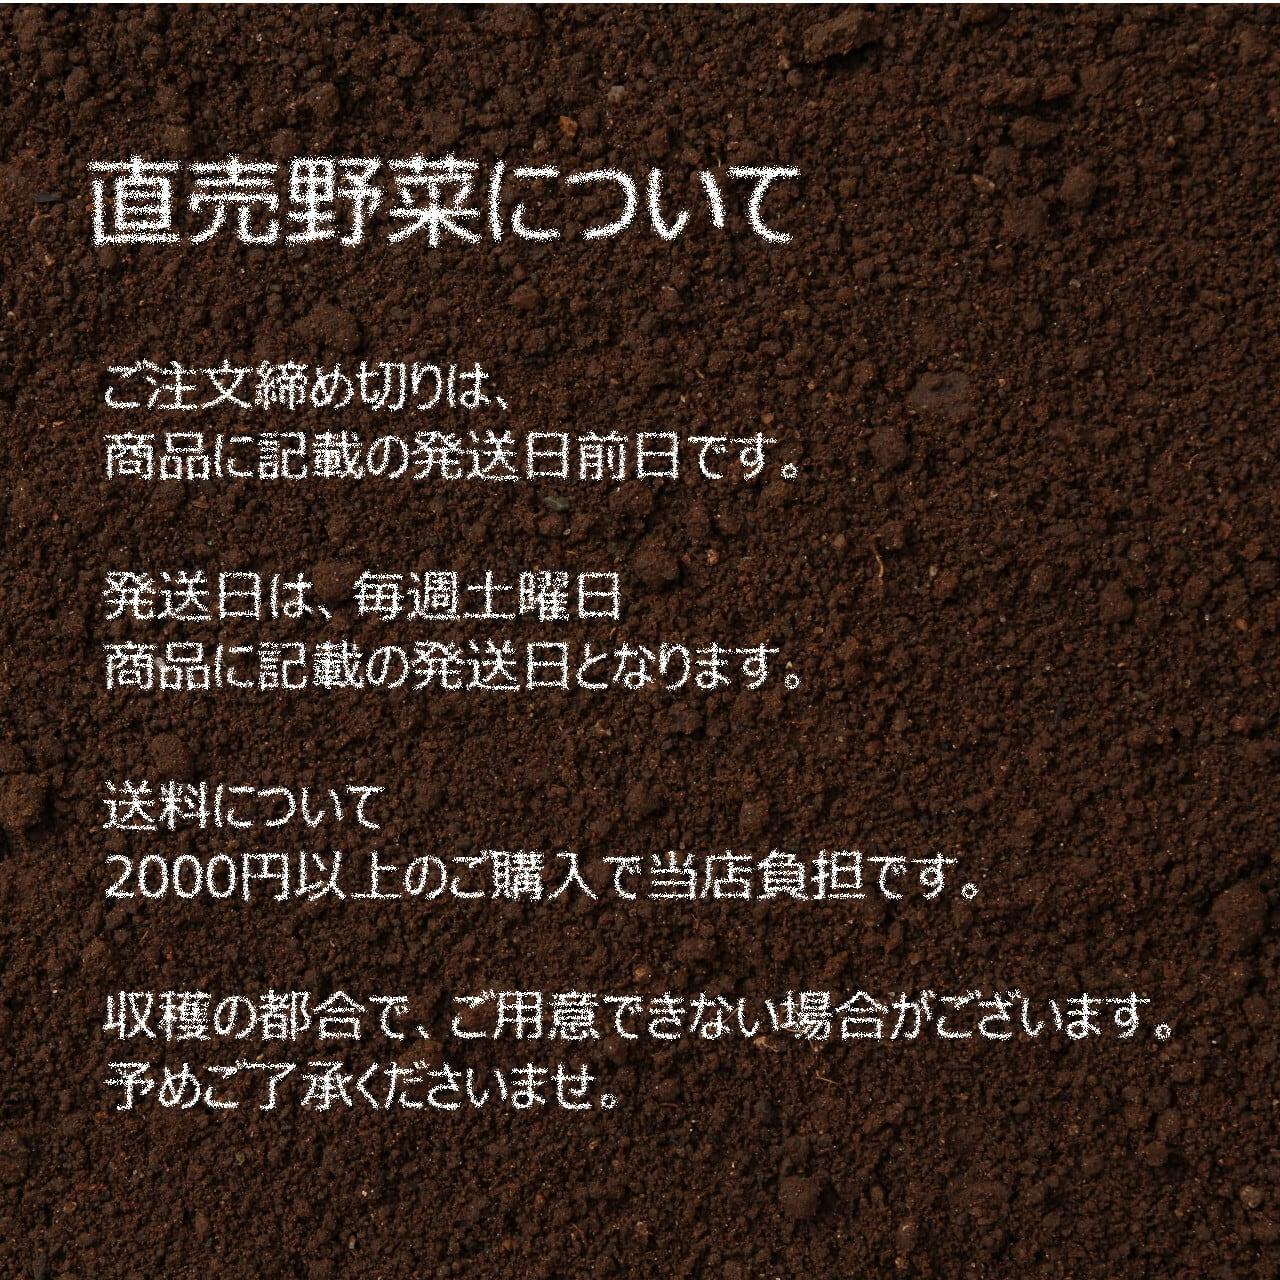 8月の朝採り直売野菜 : 大葉 約100g 新鮮な夏野菜 8月22日発送予定